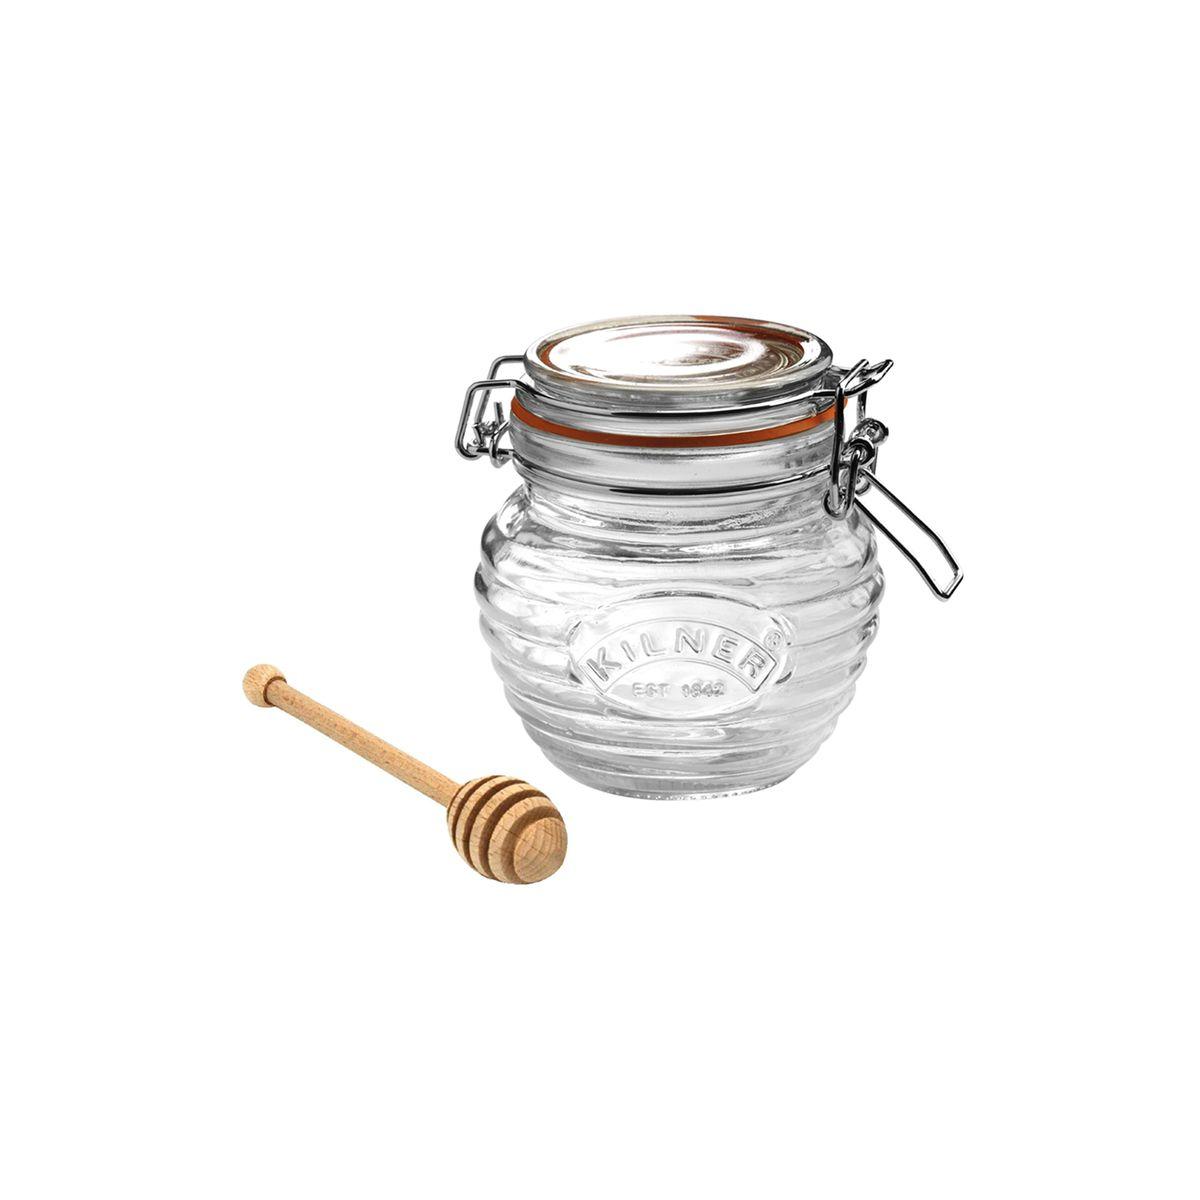 Pot à miel en verre avec cuillère en bois - Kilner